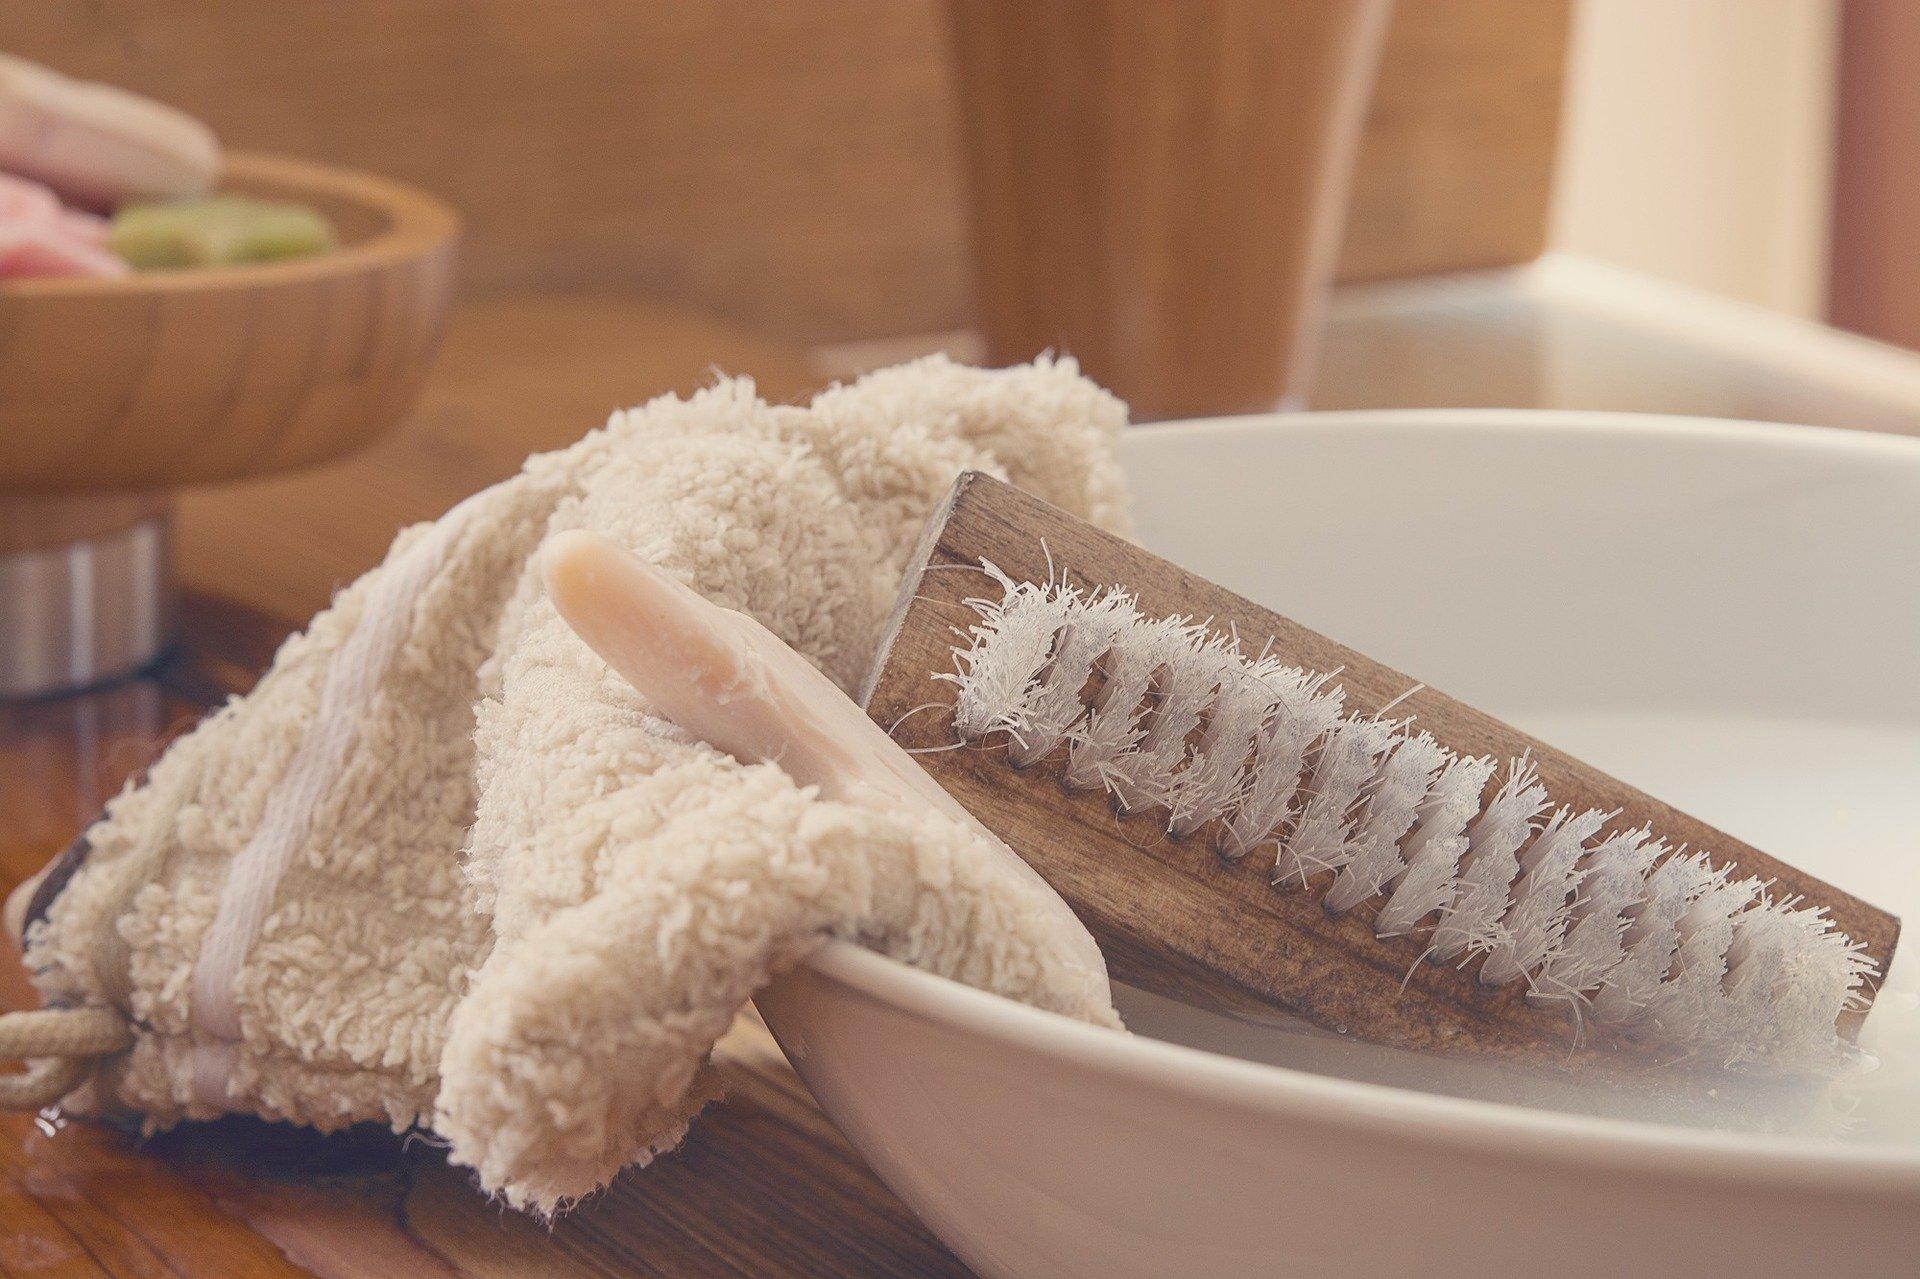 Instrumentos de limpieza. Fuente: Pixabay